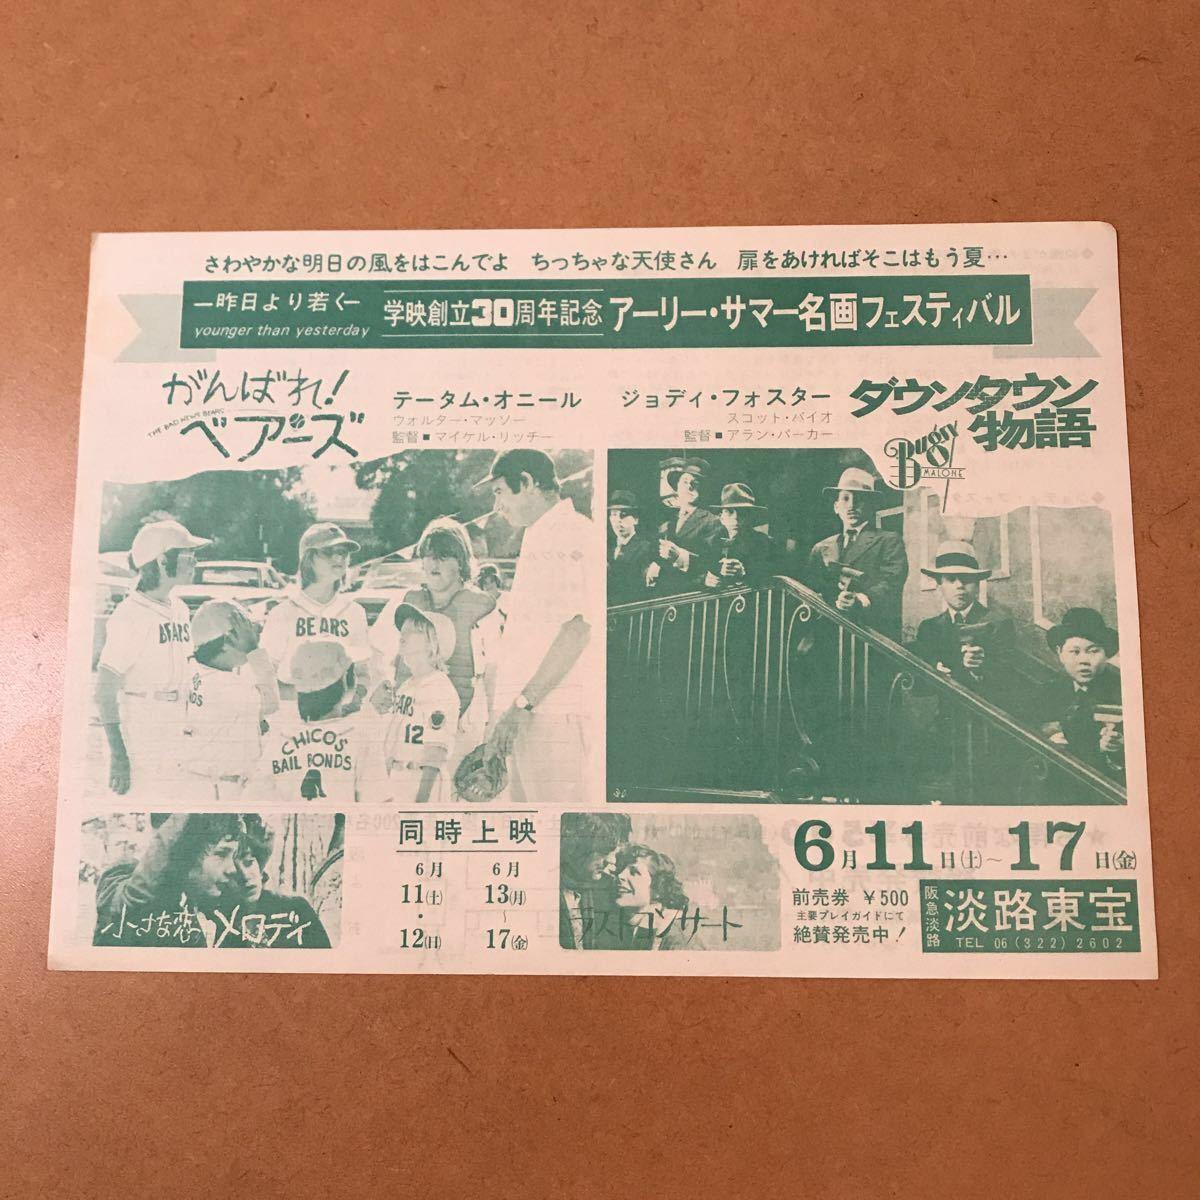 【映画チラシ】『がんばれ!ベアーズ』&『ダウンタウン物語』大阪ローカル劇場2本立て上映単色チラシ